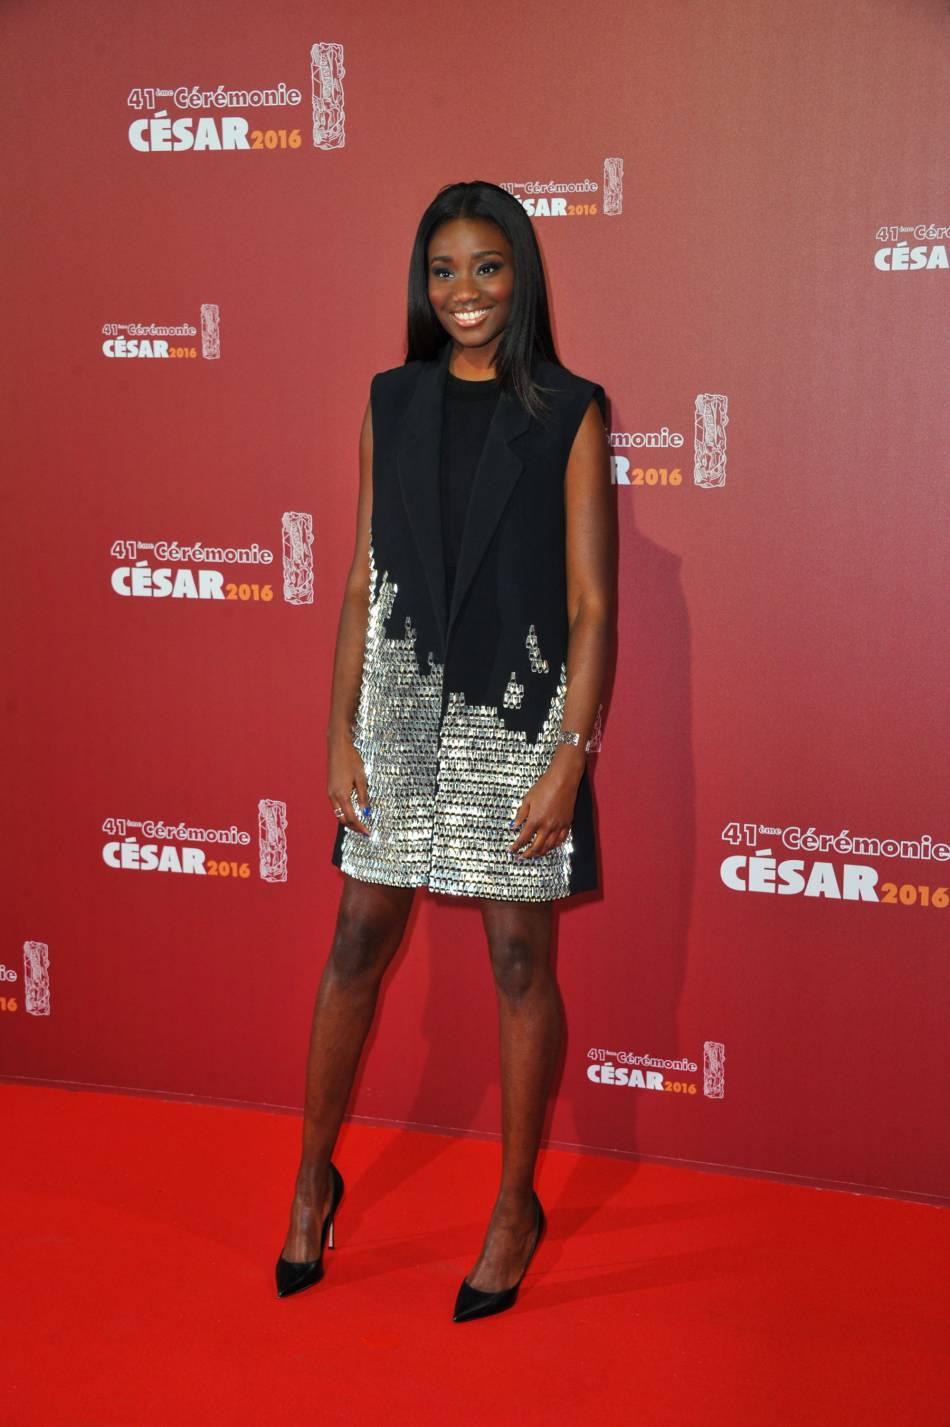 La cérémonie des César 2016 : Karidja Toure